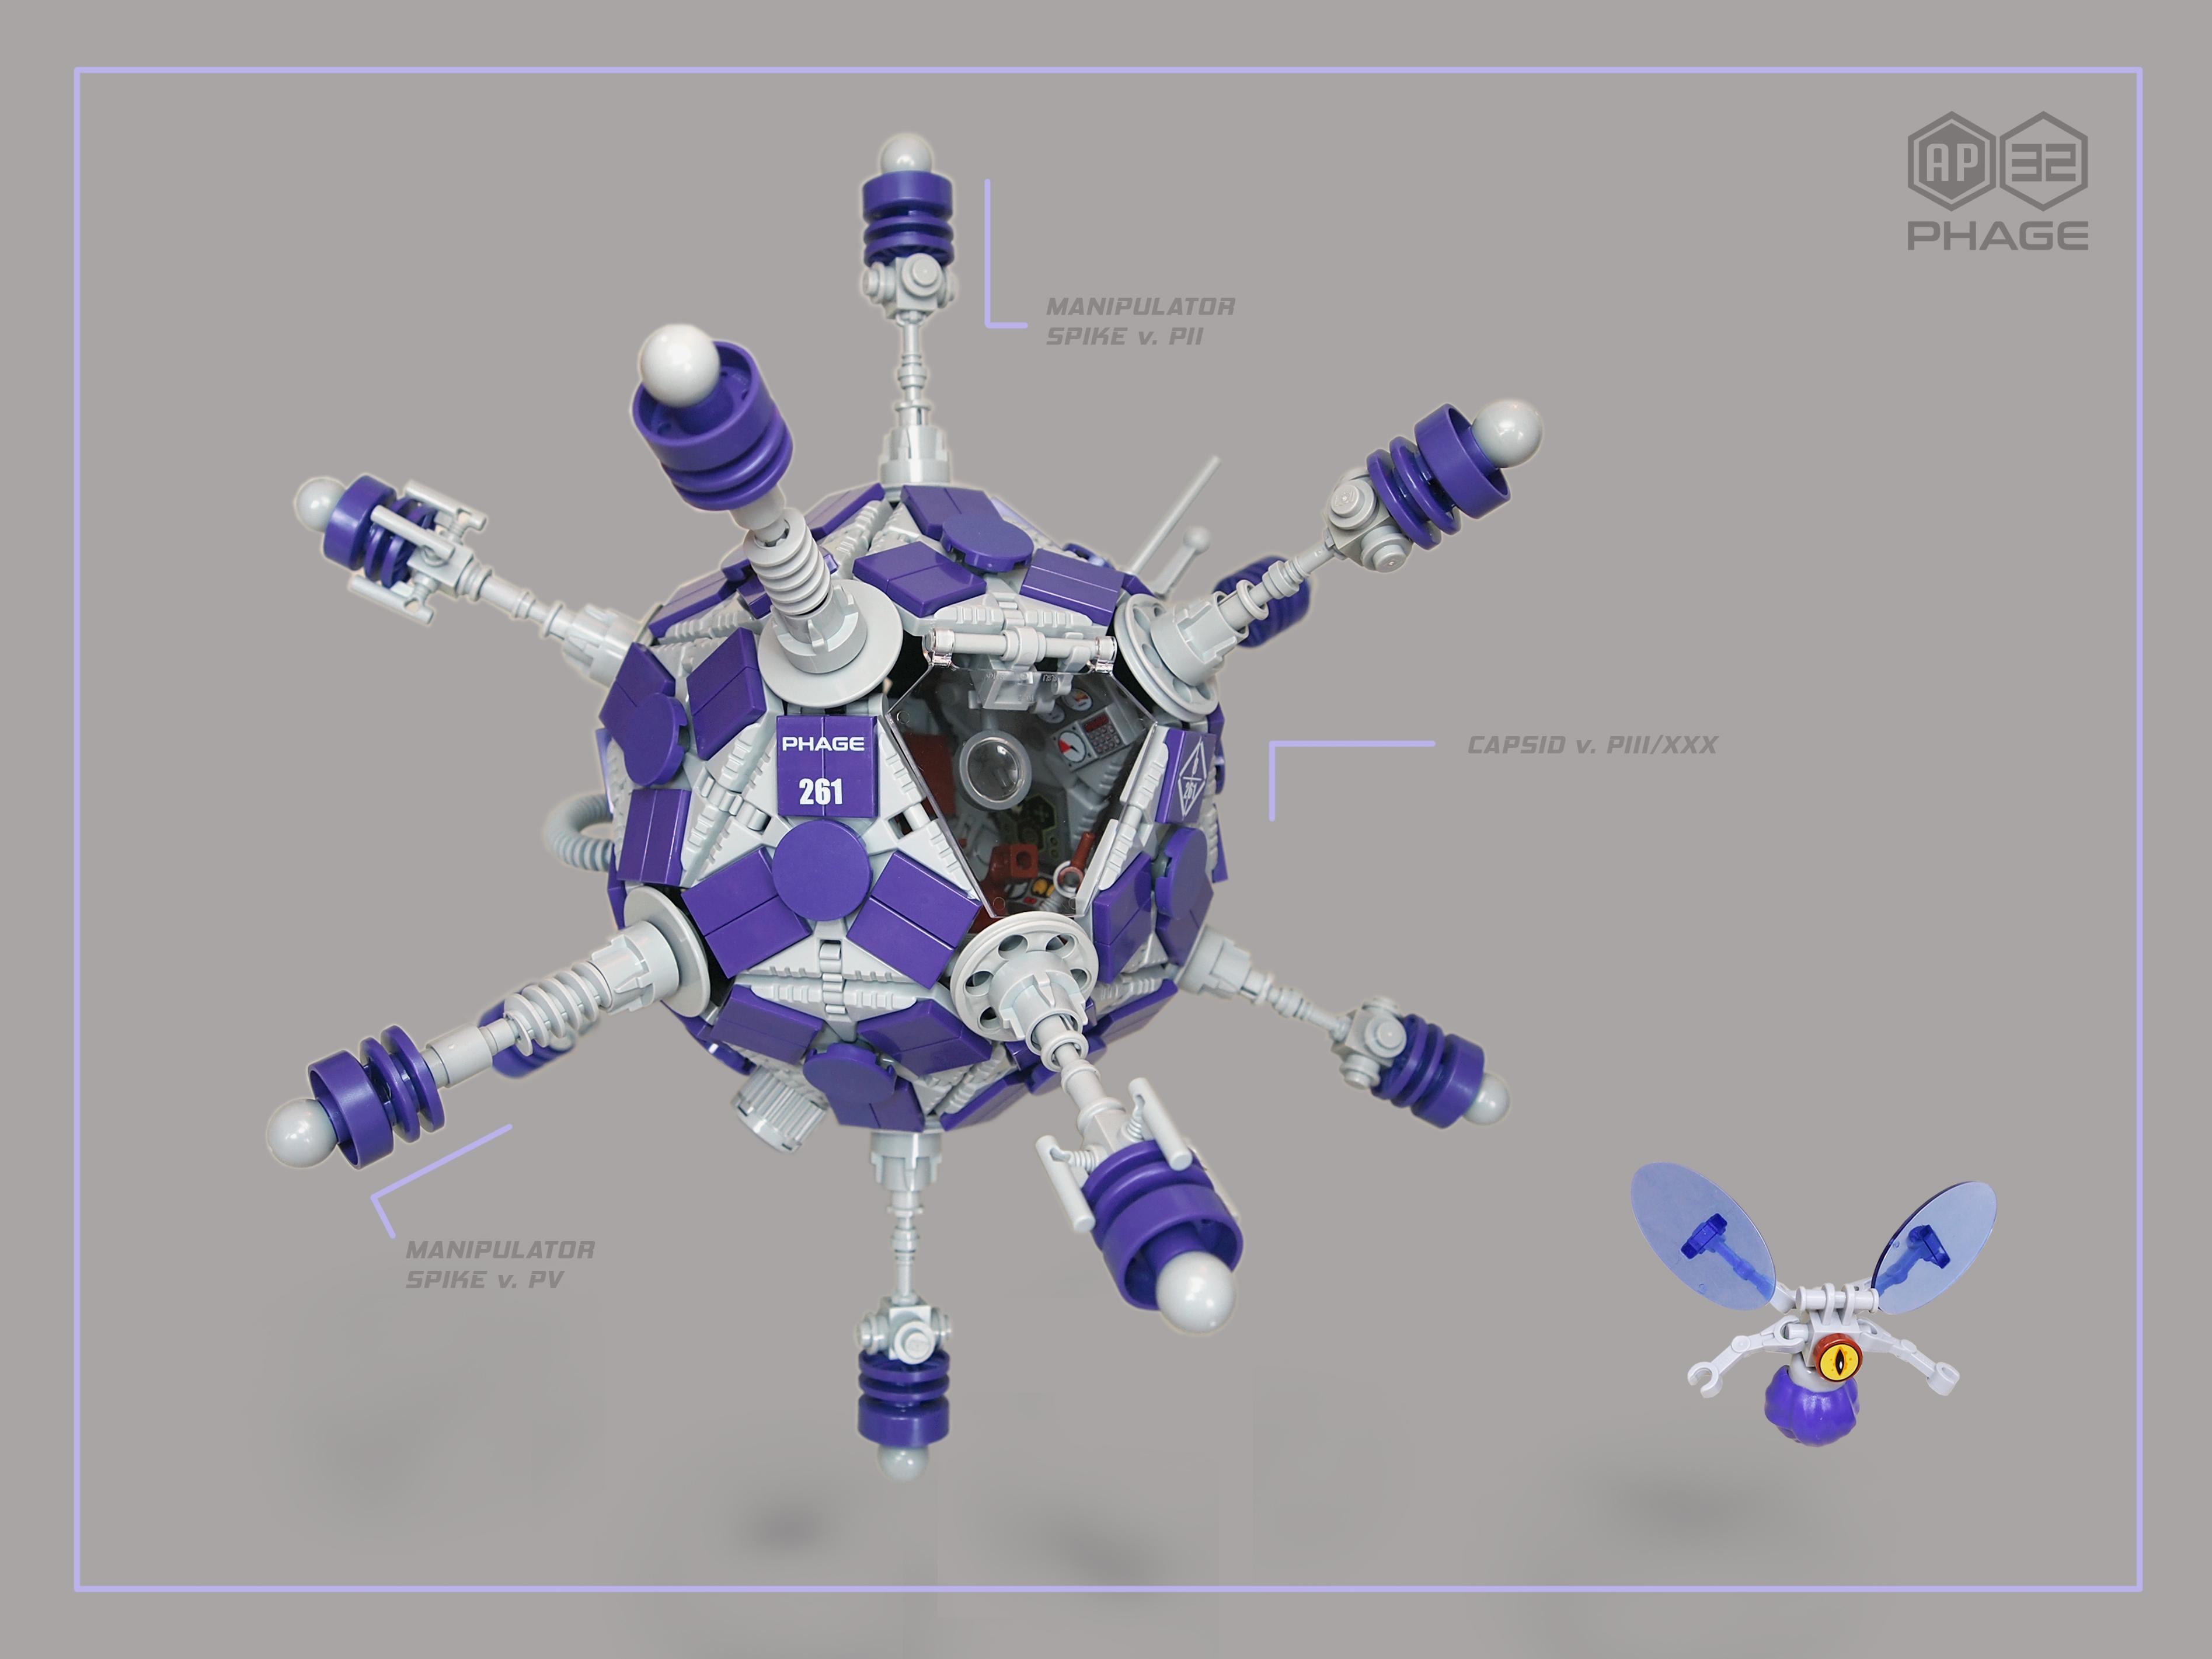 ap-32 phage